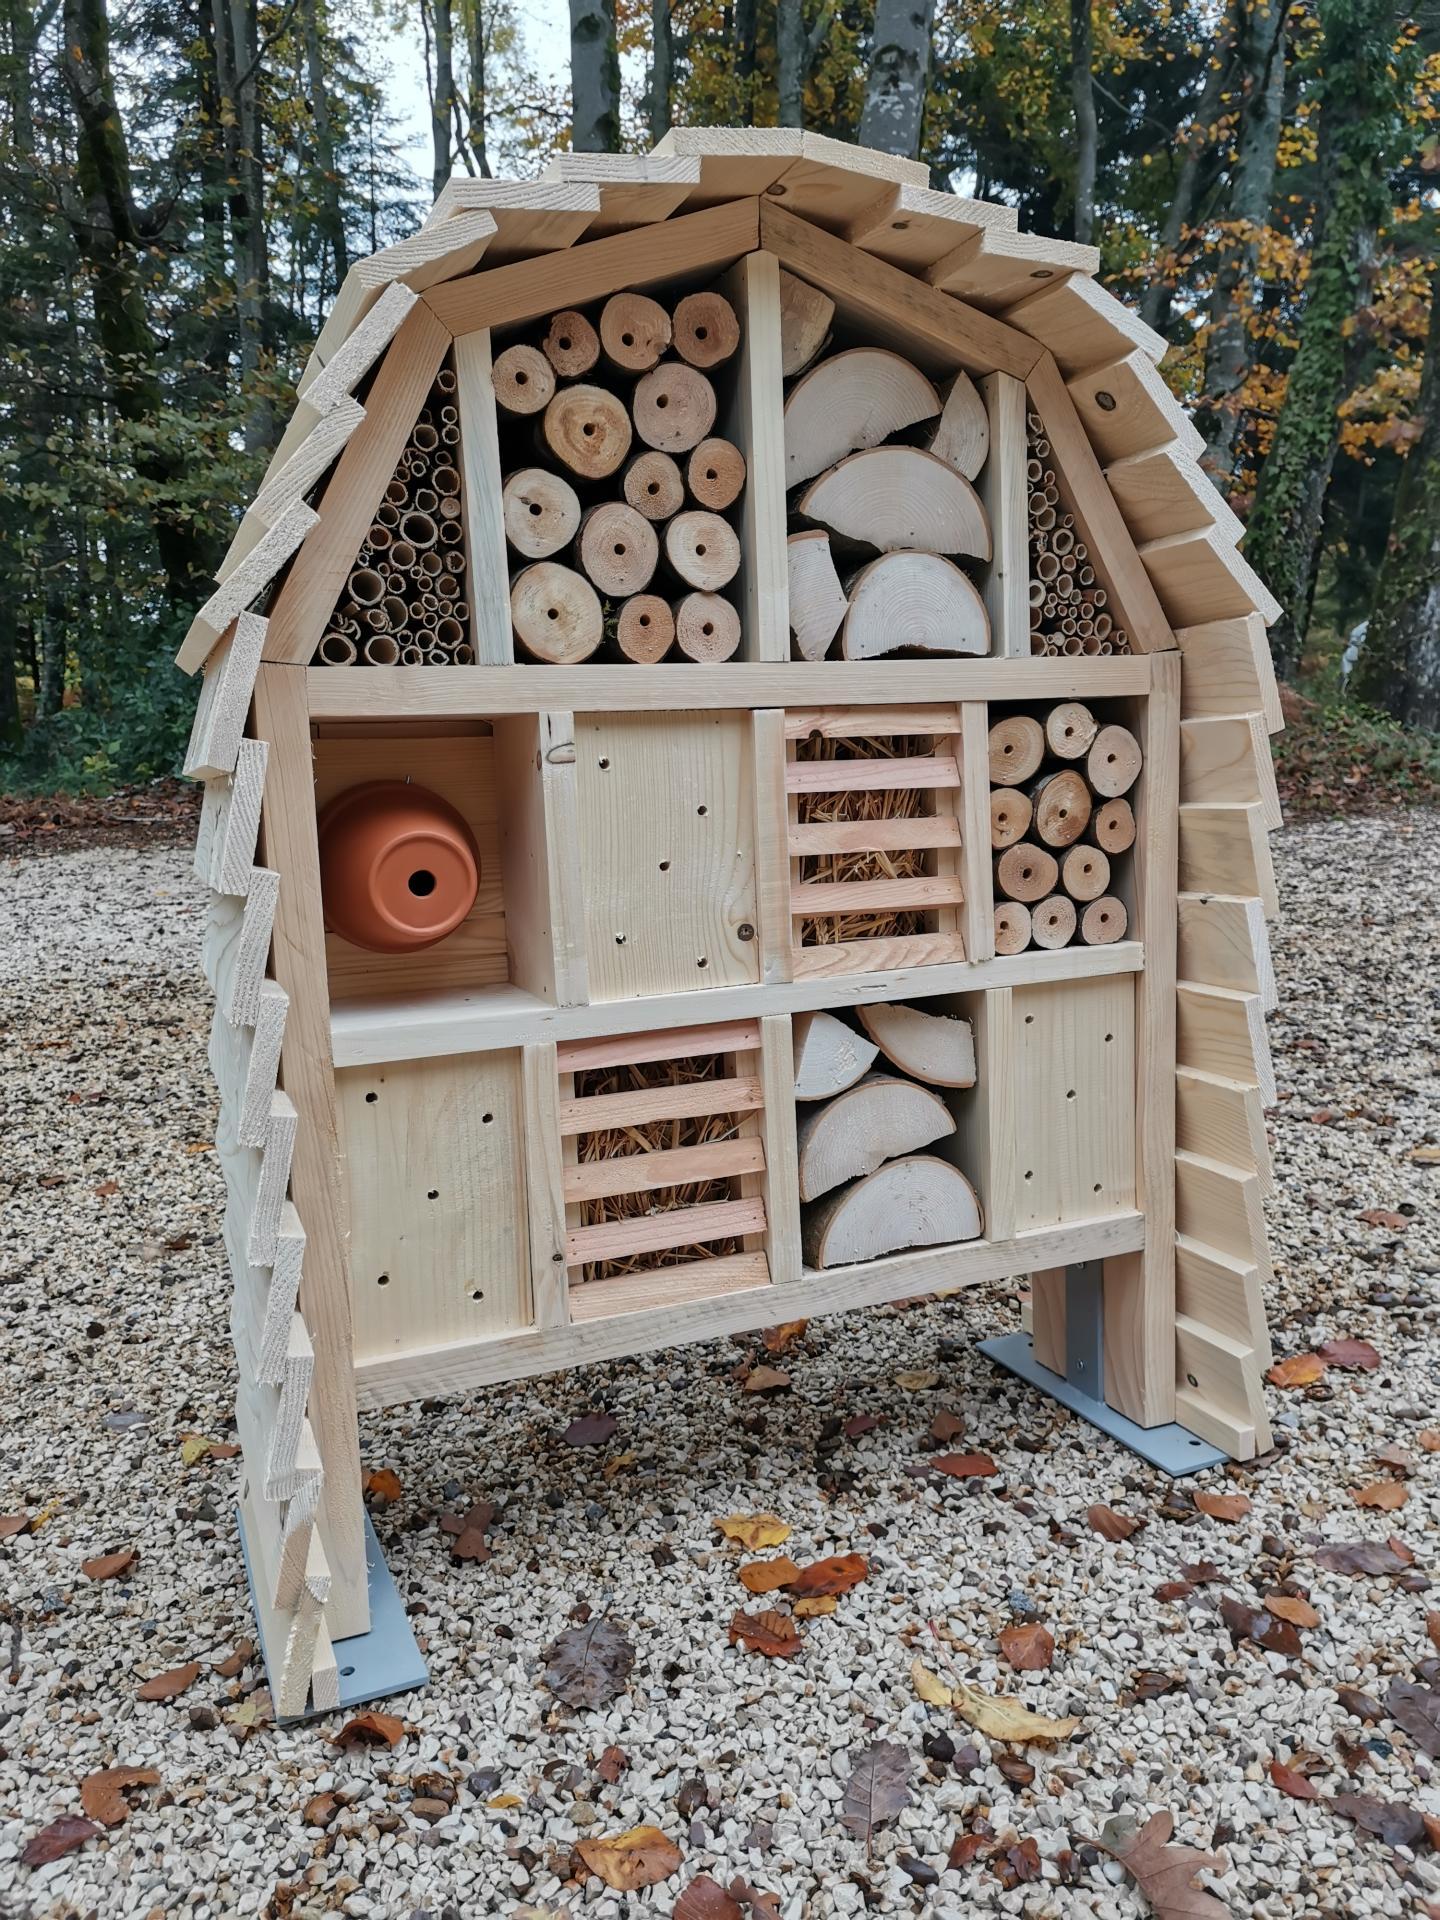 Hôtel à insectes toiture ronde